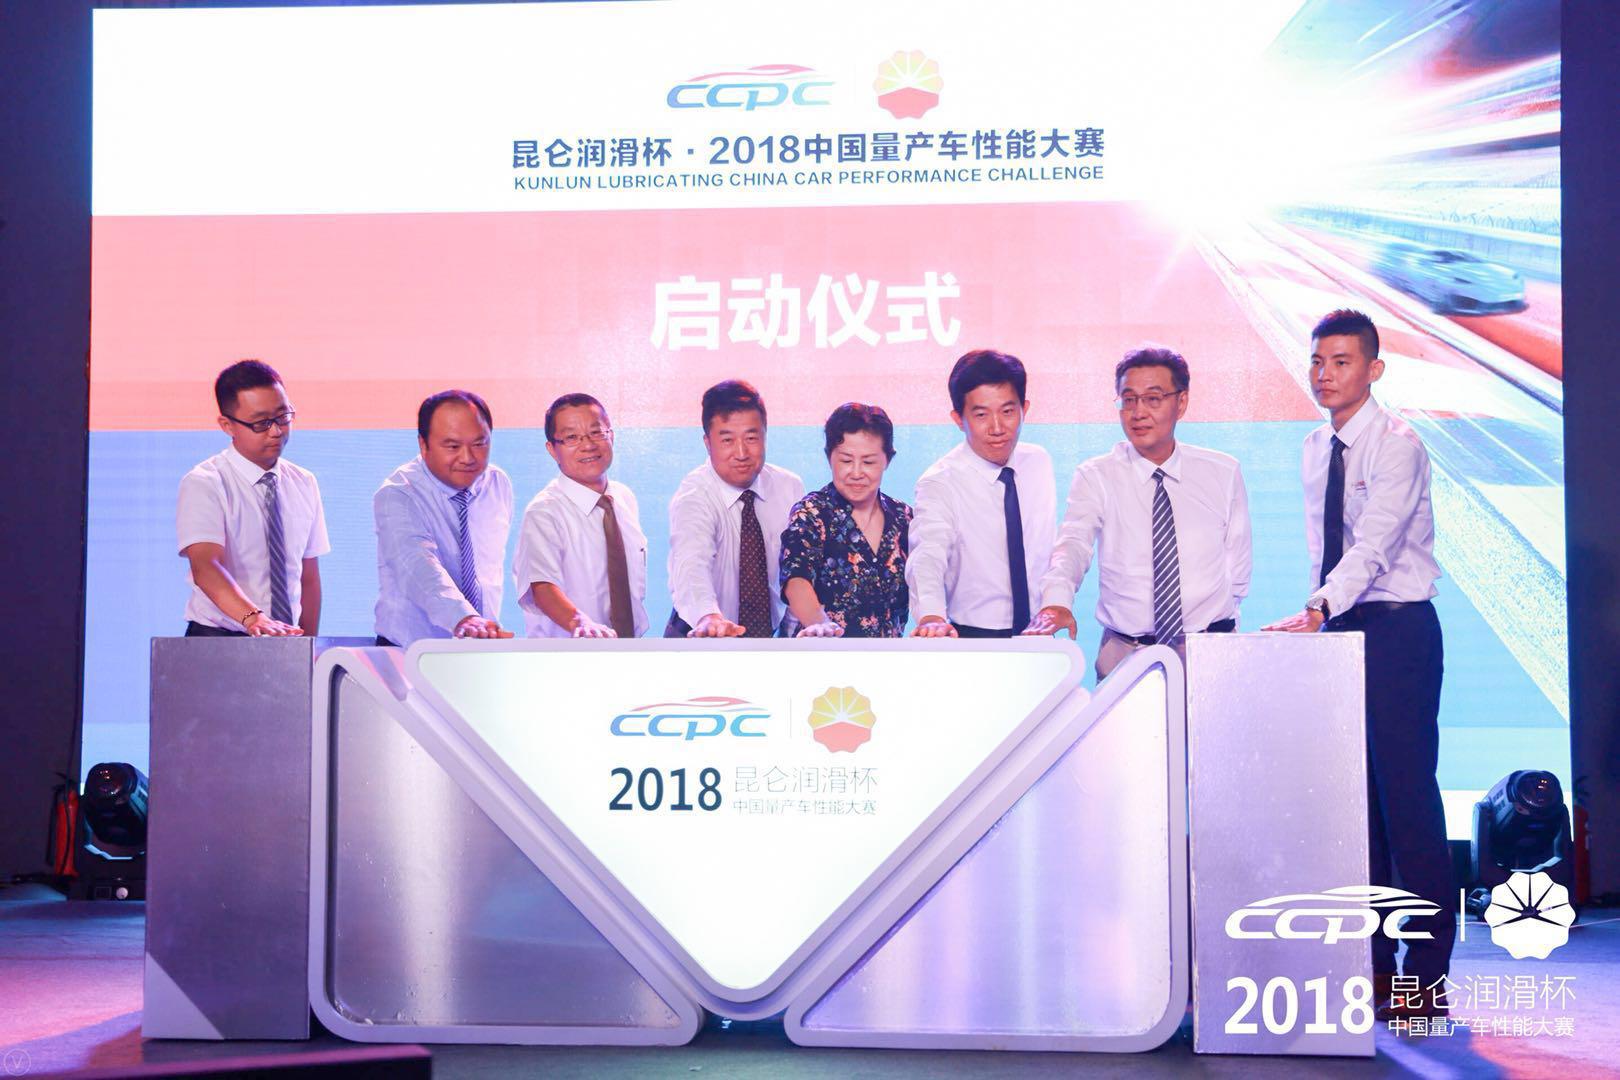 昆仑润滑再度成为2018 CCPC全面战略合作伙伴